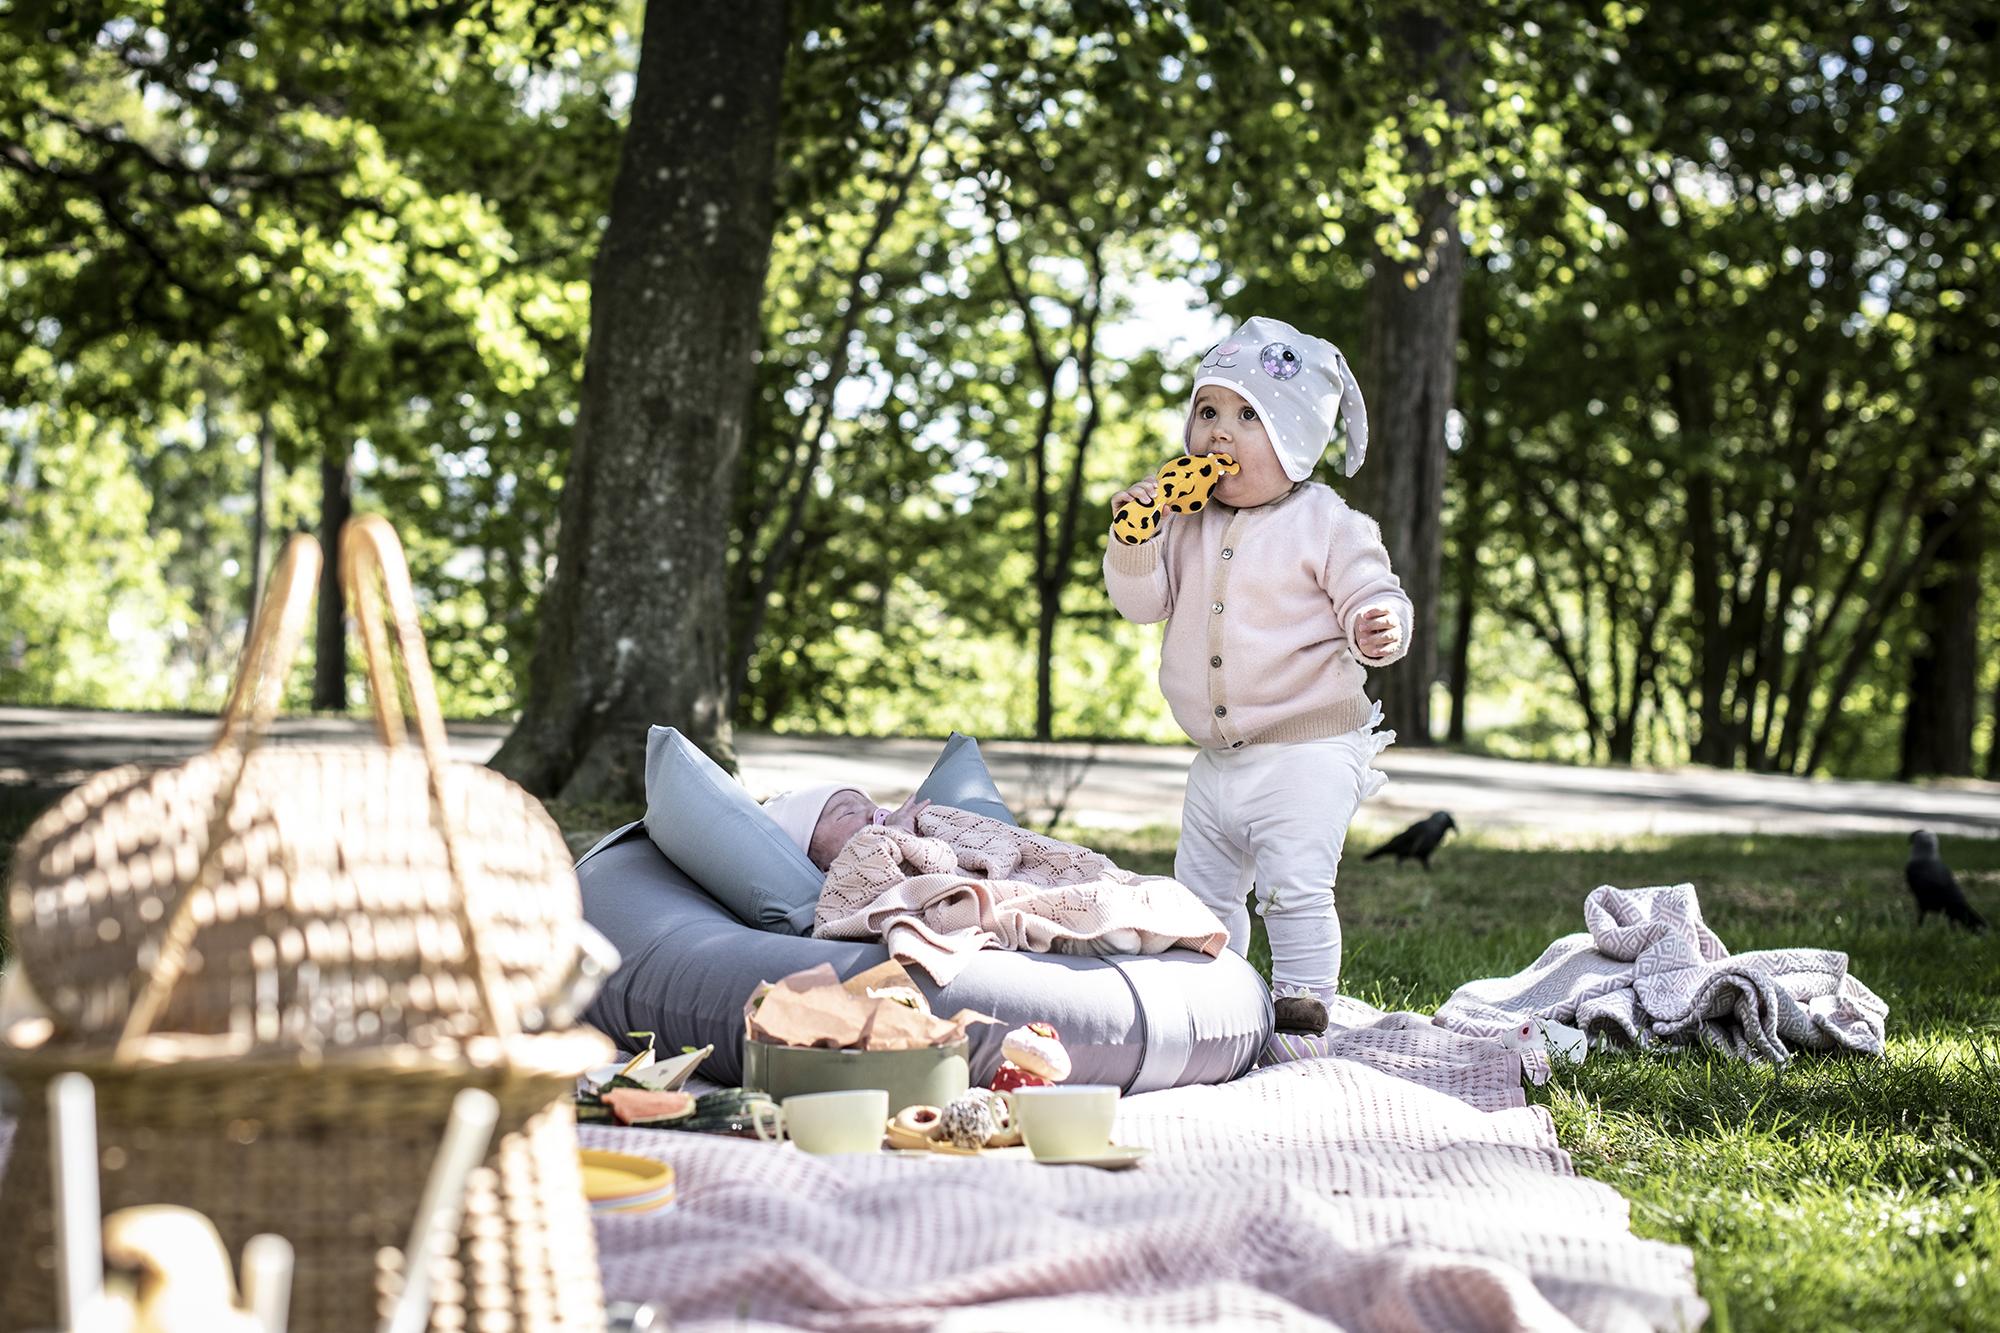 en bebis sover i den uppblåsbara babysittern knipik på en picknick medan syskonet leker bredvid